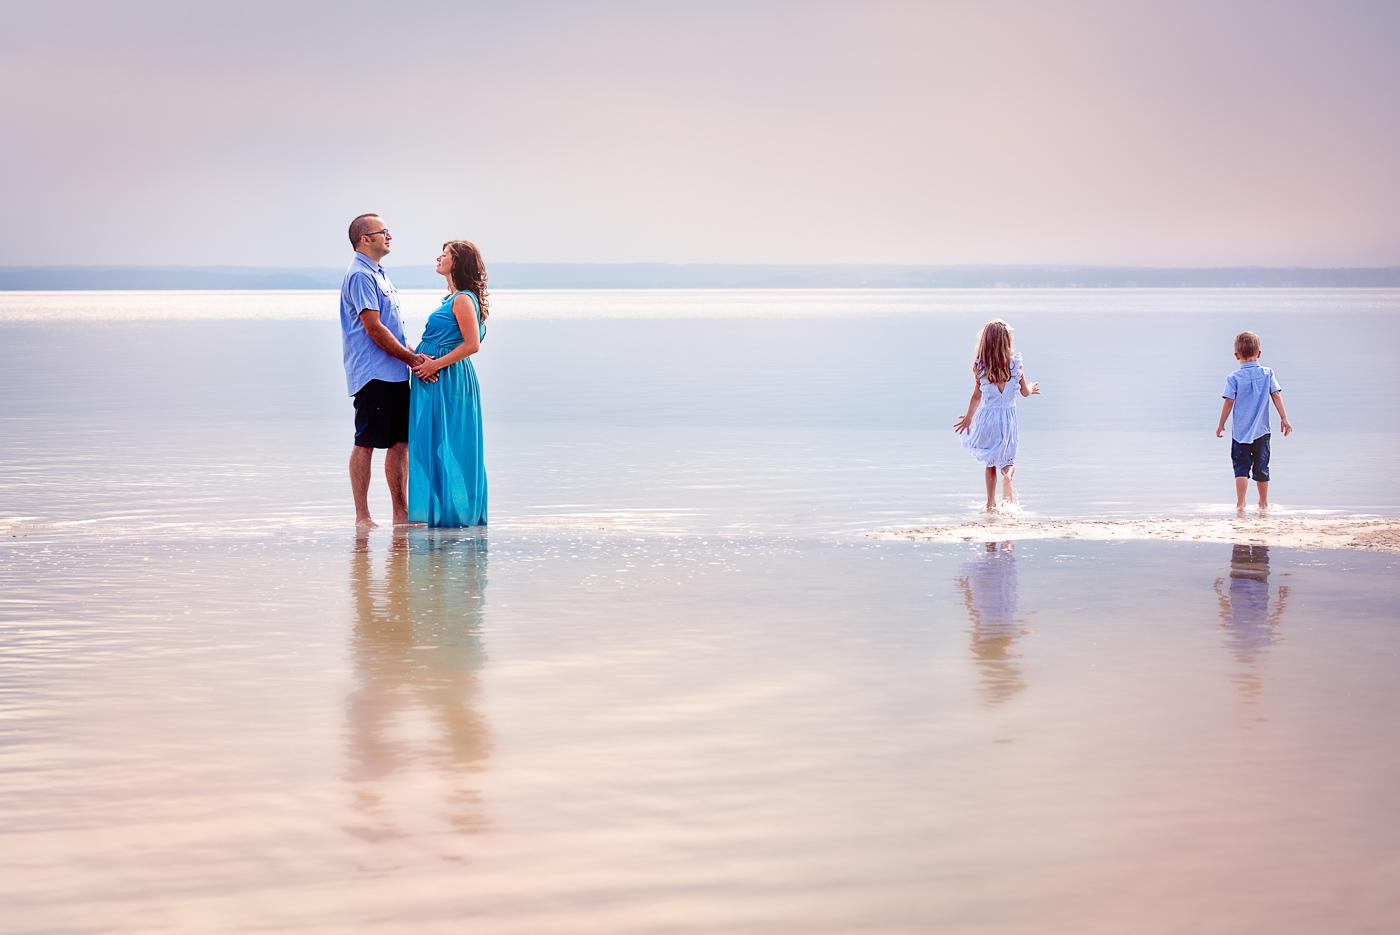 piękne zdjęcie rodzinne sesja zdjęciowa nad morzem o zachodzie słońca_Anita talaśka Fotografia